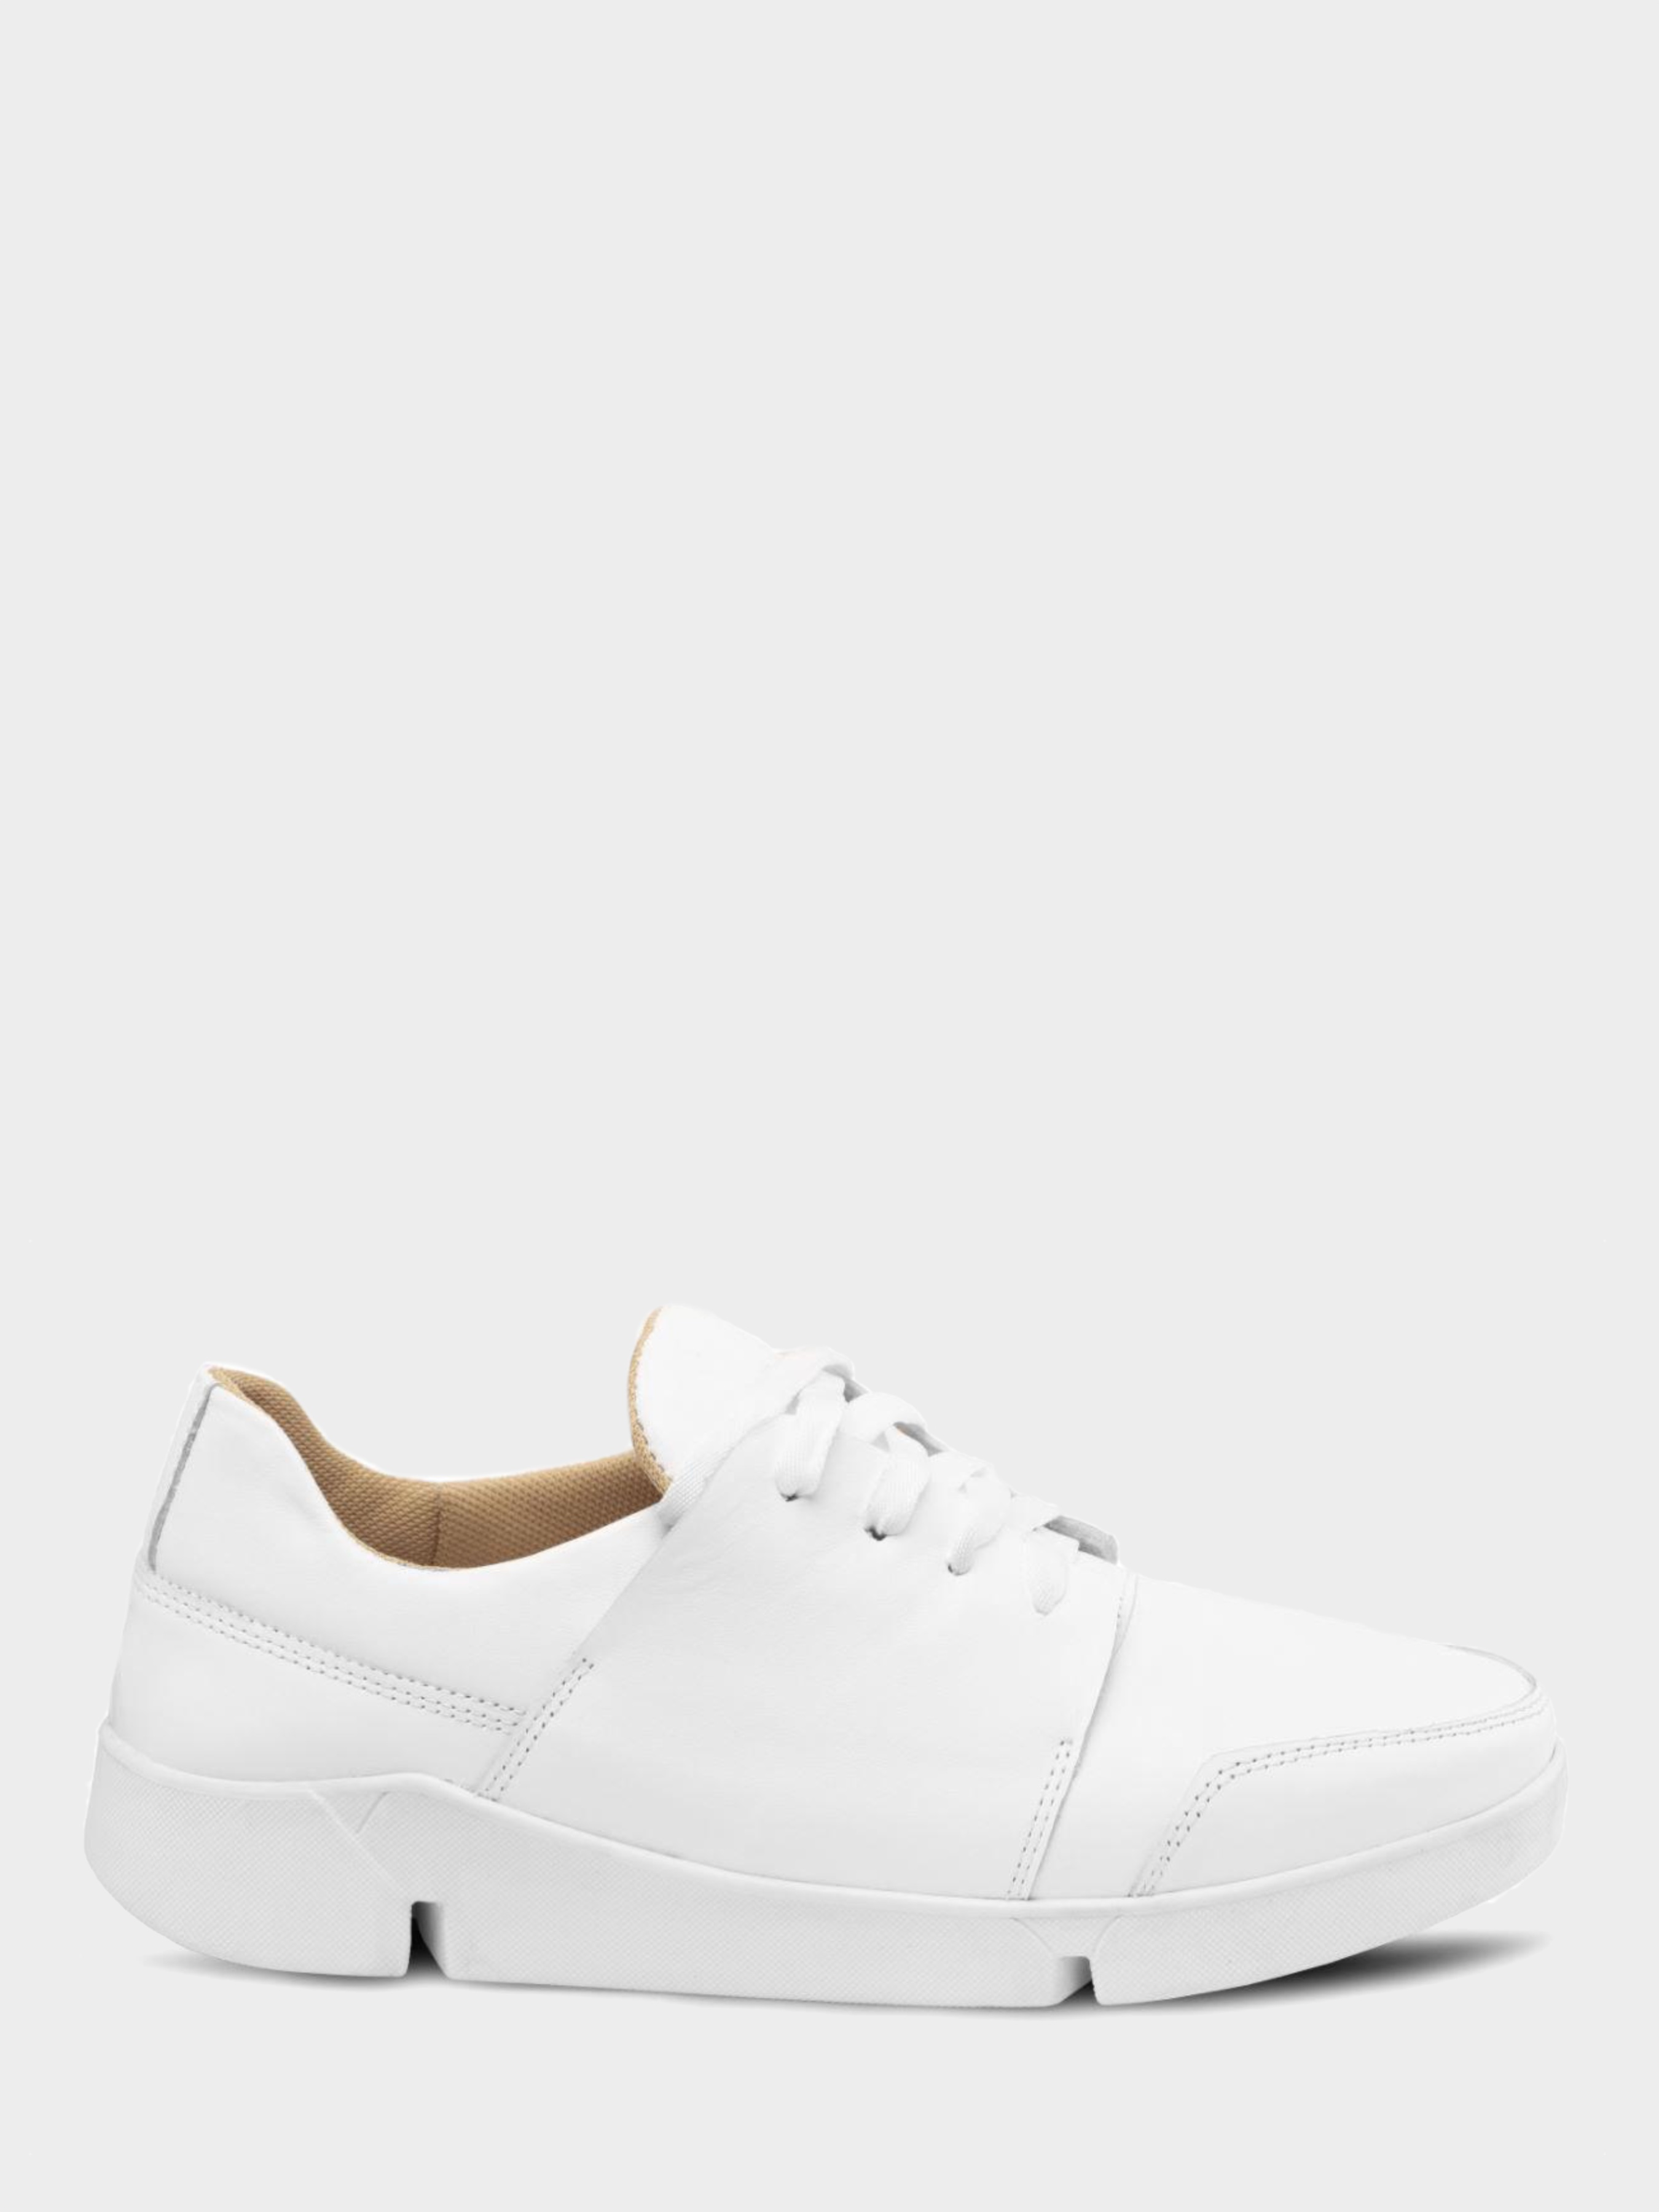 Купить Кеды женские Кроссовки белые K3 K3.000000329, GRACE, Белый